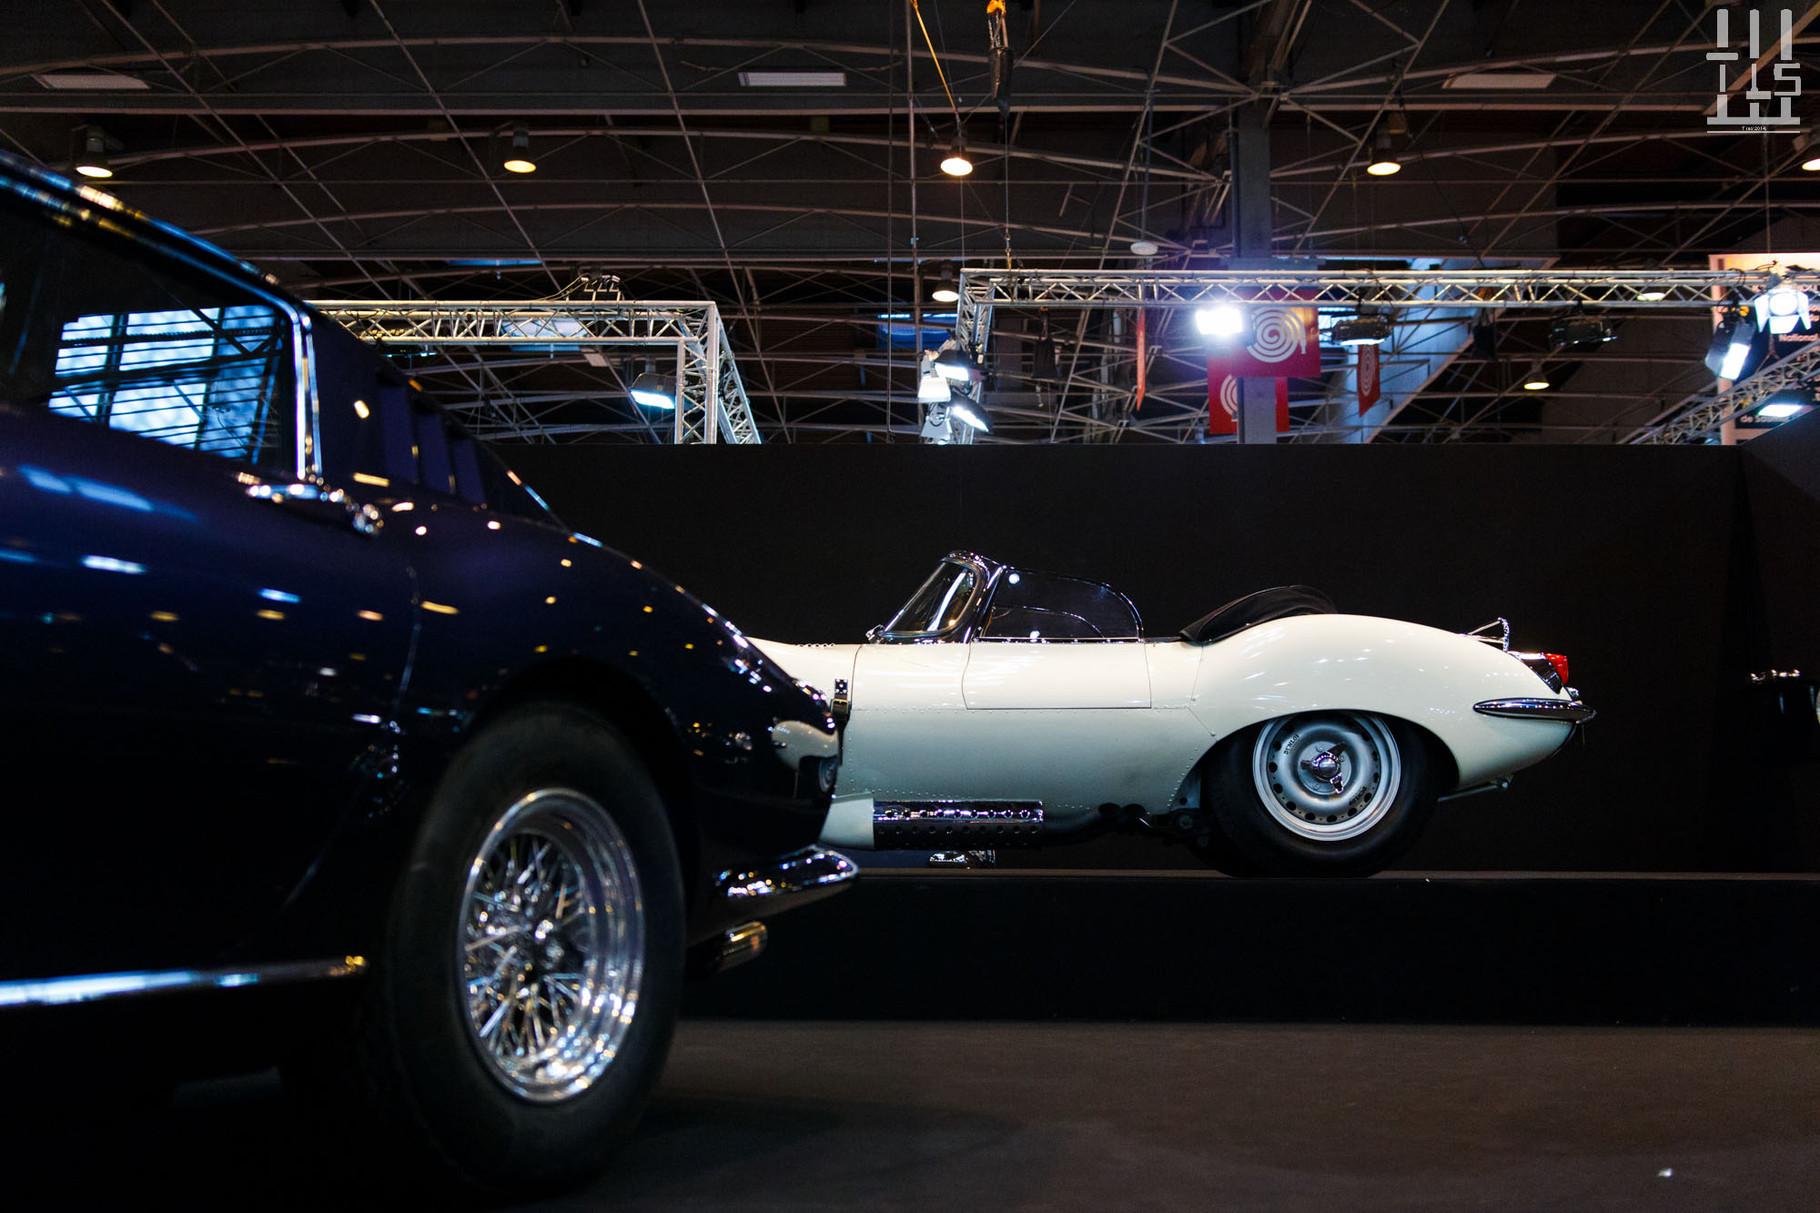 Mais le meilleur arrive. Déjà vue dans le diaporama précédent, la Jaguar XKSS châssis 704 superbe en blanc côtoie une non moins magnifique 275 GTB bleue.